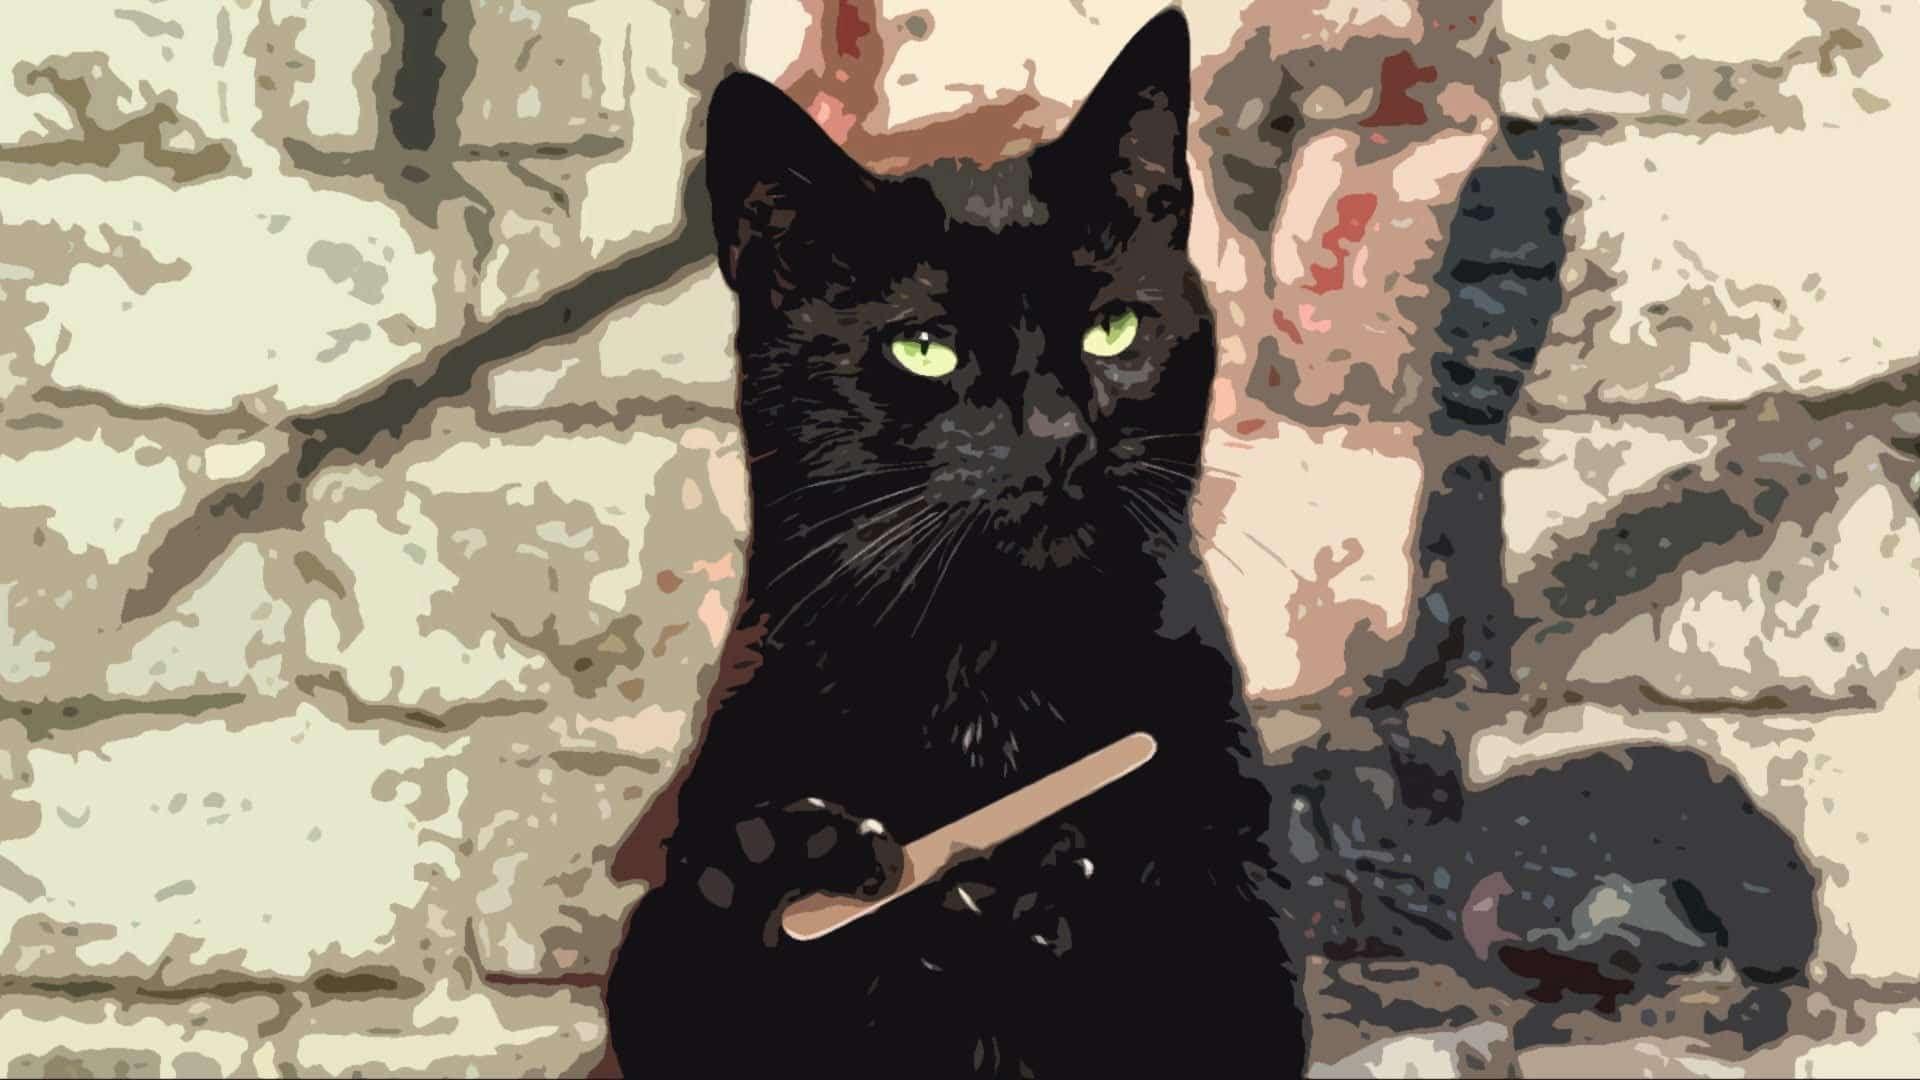 6 Animaux Humour 6 Humor Animals Voyage Onirique En 2020 Peinture De Chat Noir Fond D Ecran Chien Peinture Chat